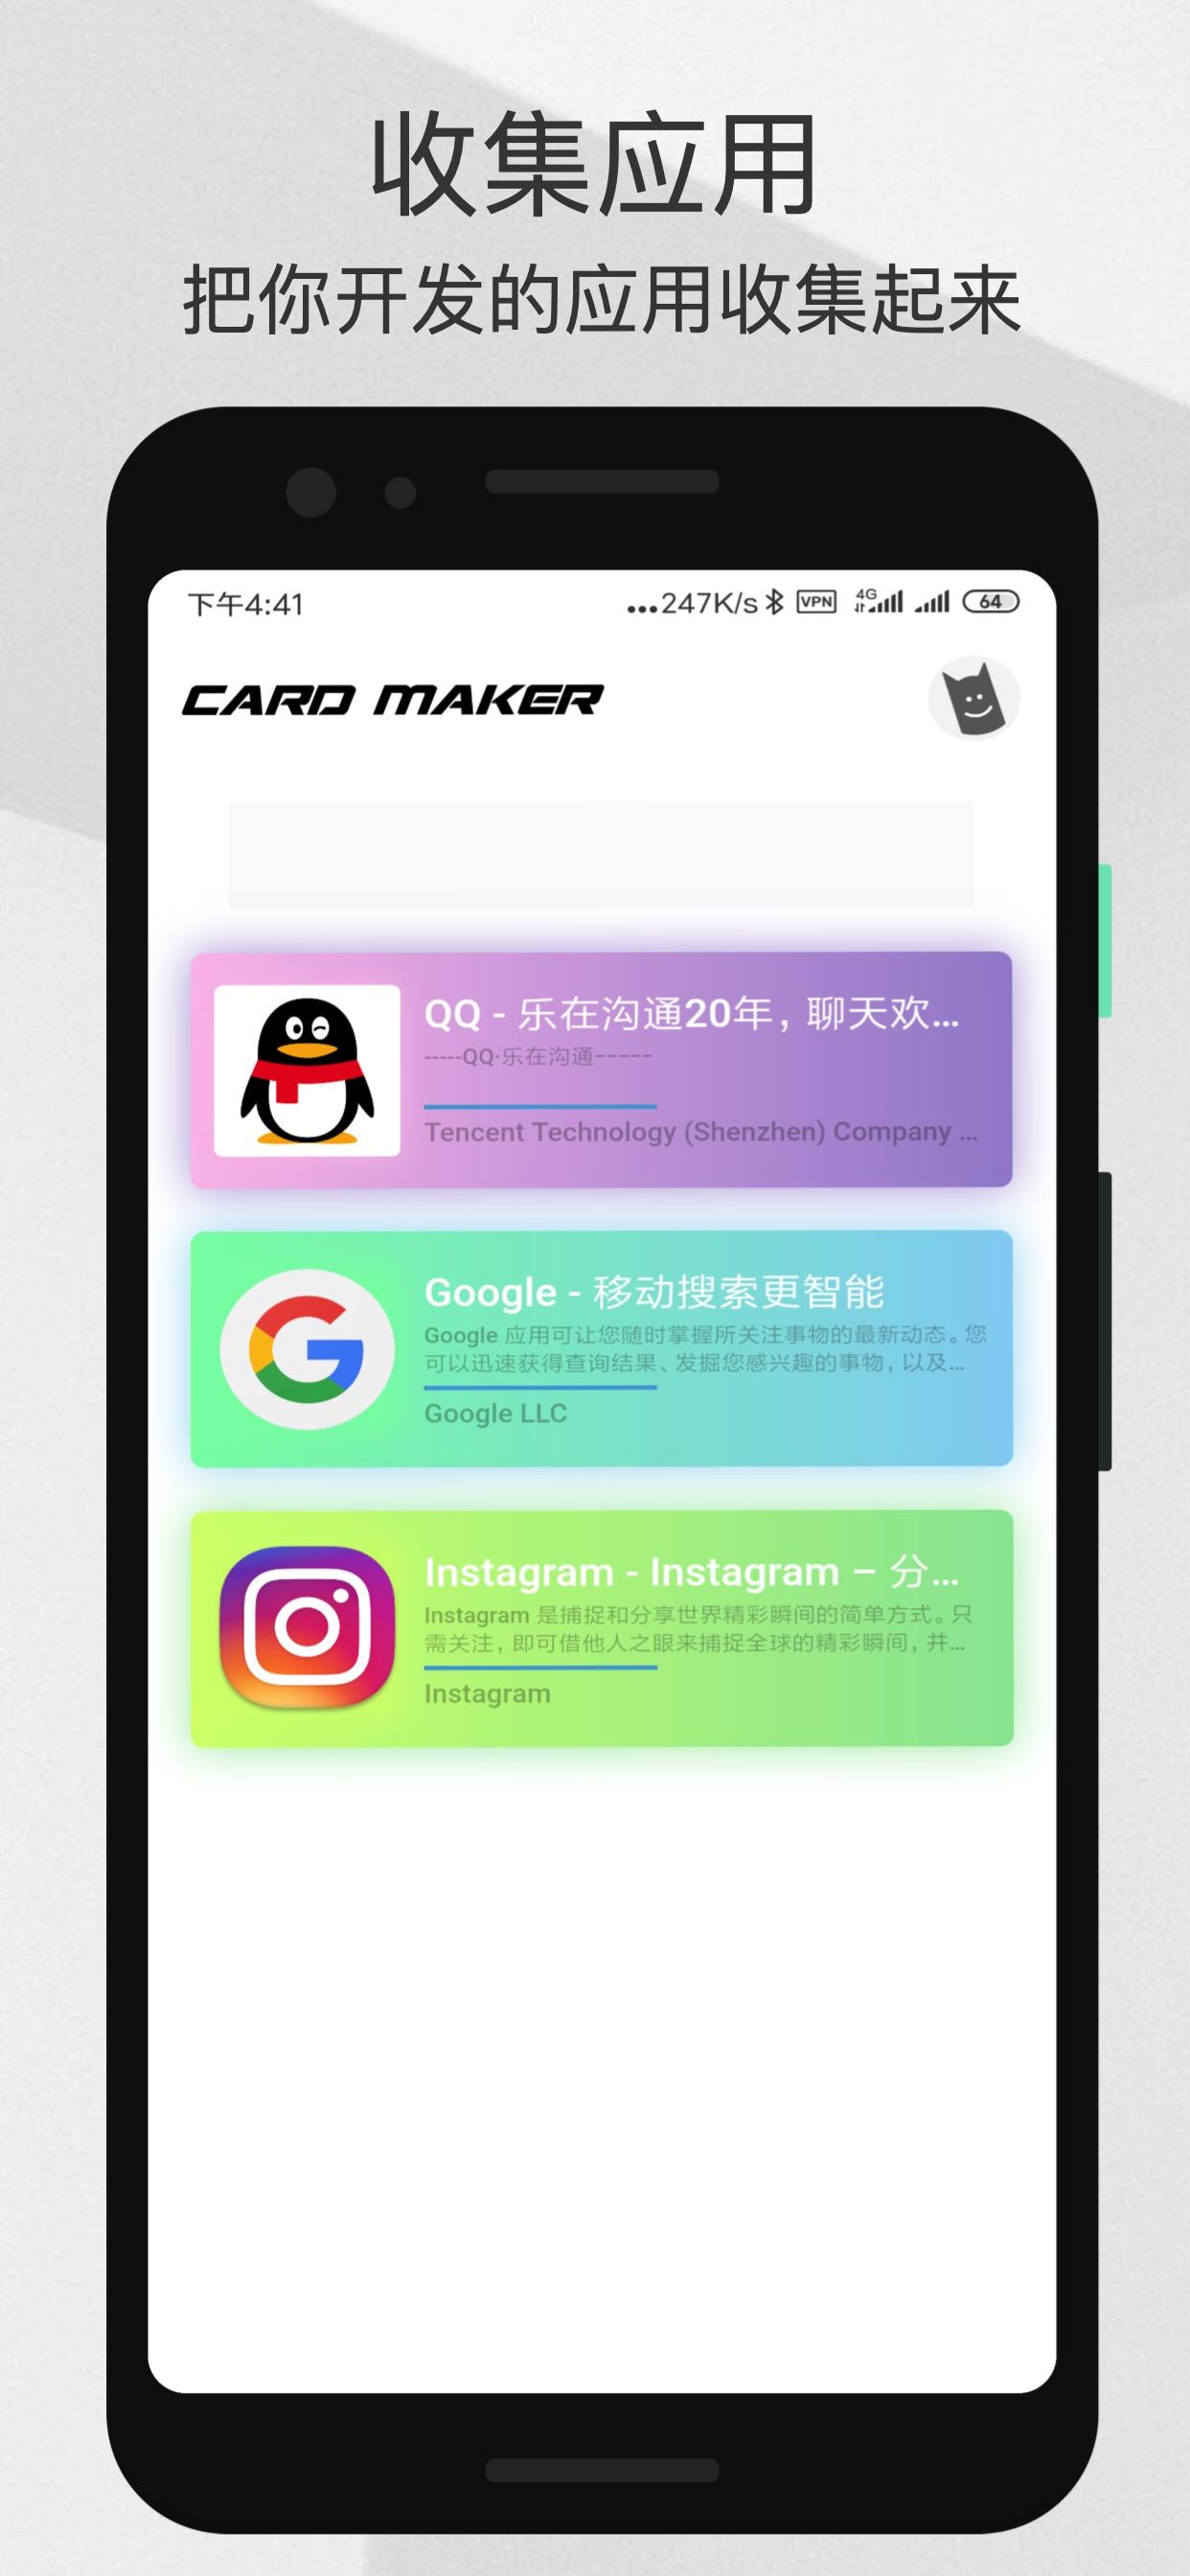 卡片制造商app官方最新版 v1.1.4截图